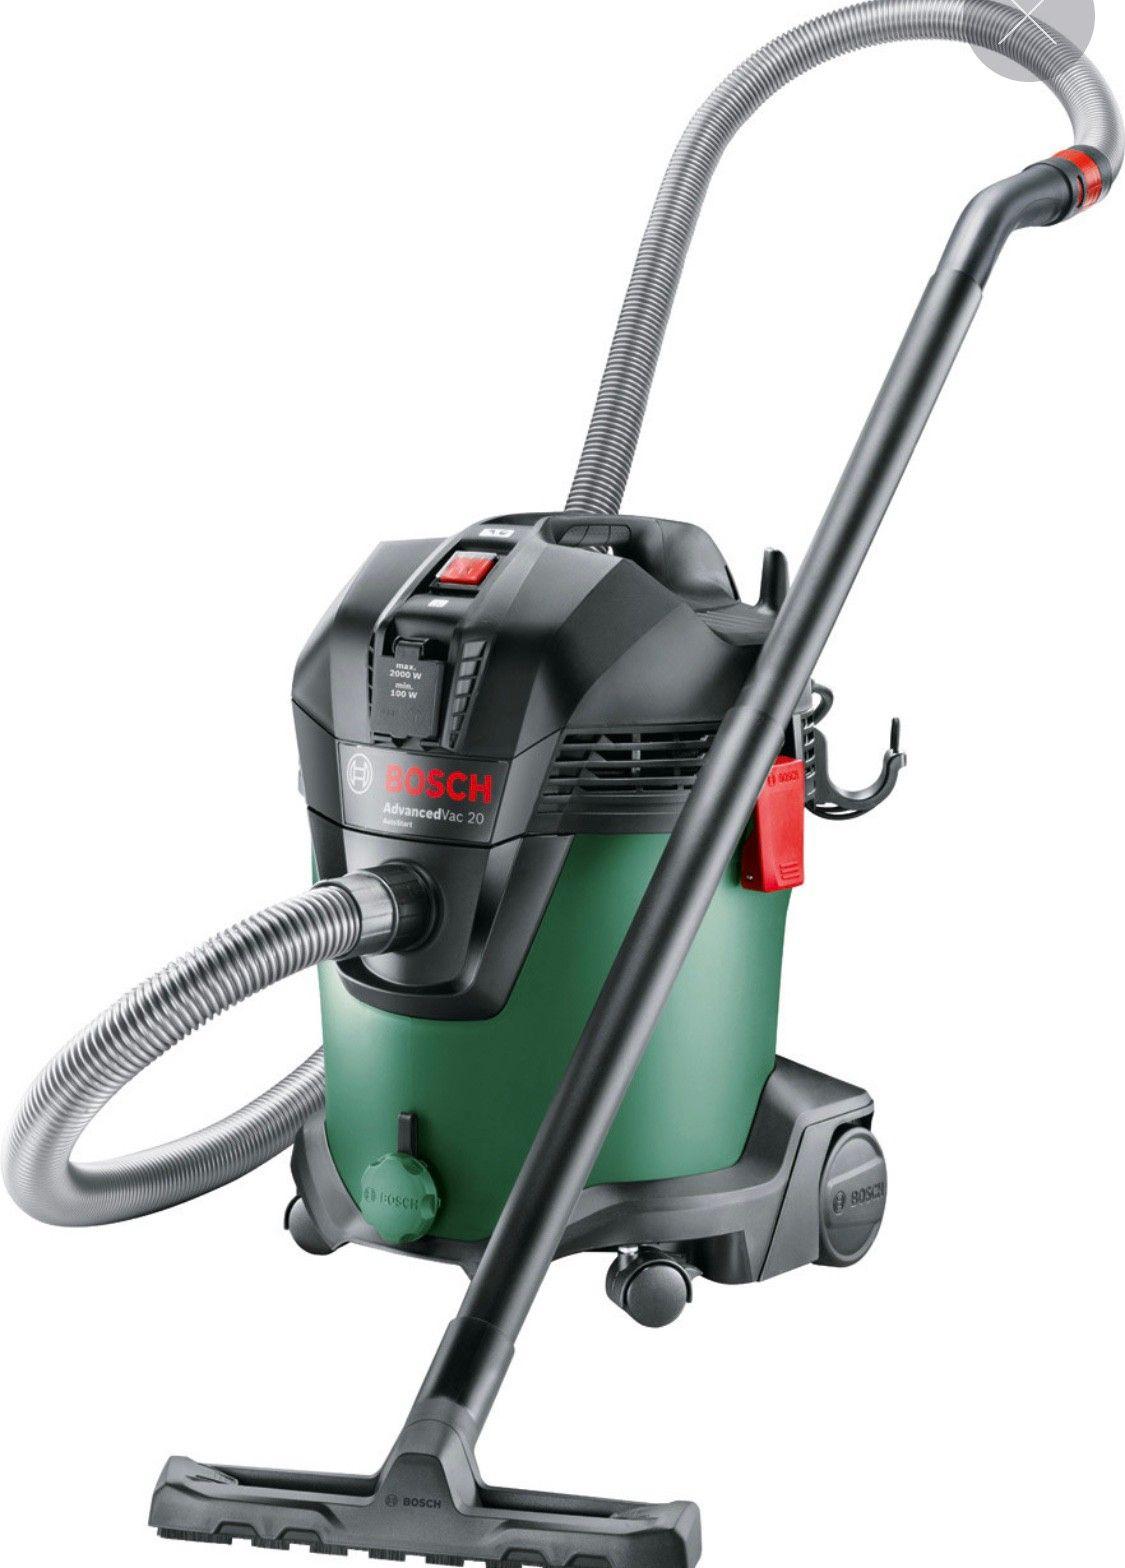 Bosch oppladbar støvsuger med avtagbar minisuger   FINN.no